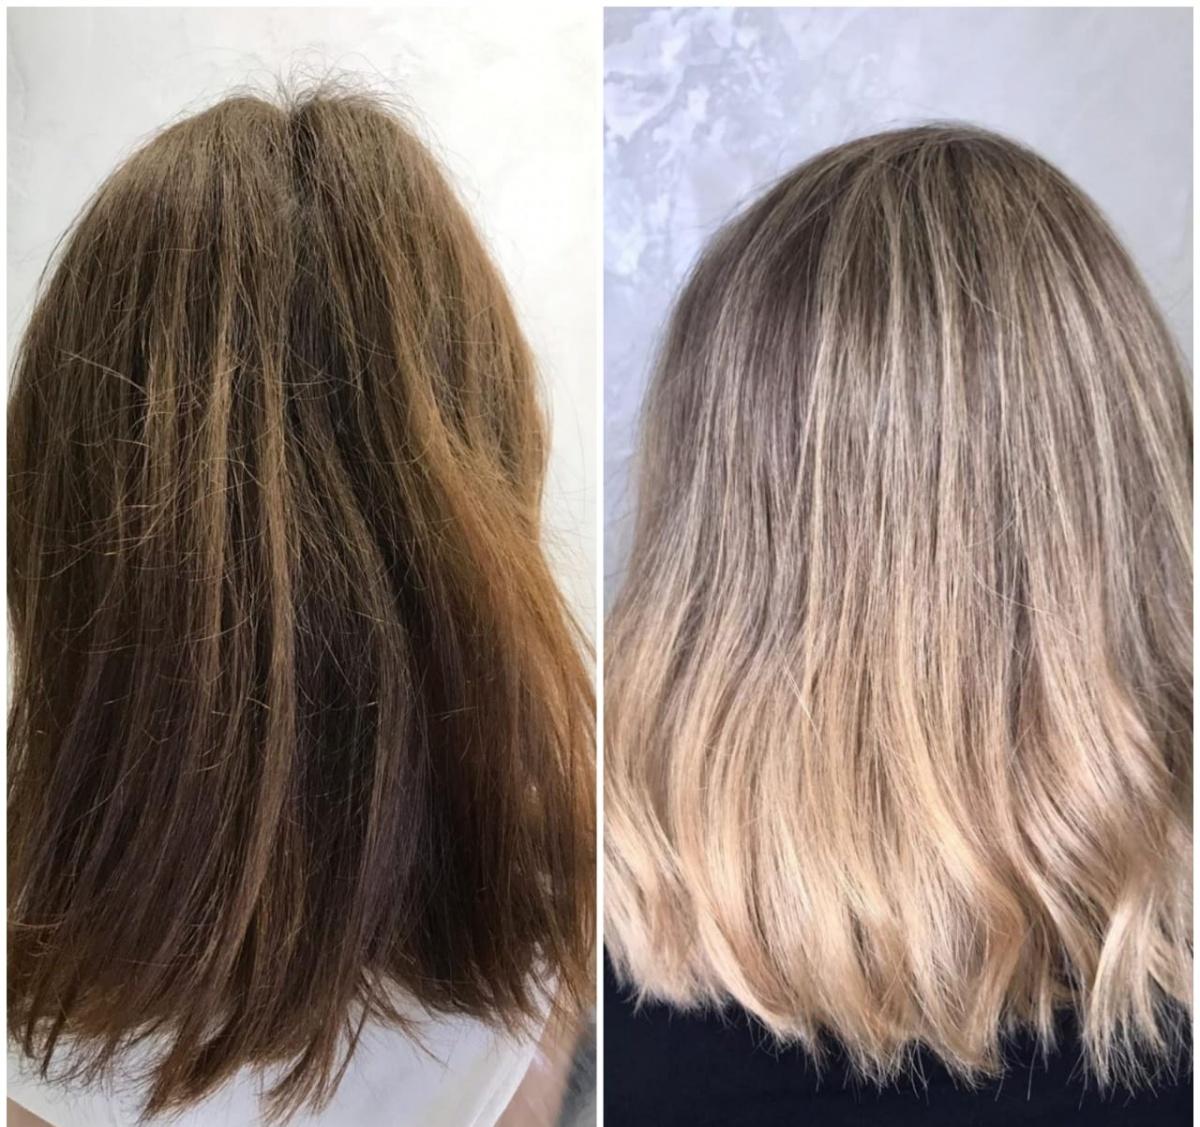 Новый цвет волос — это просто